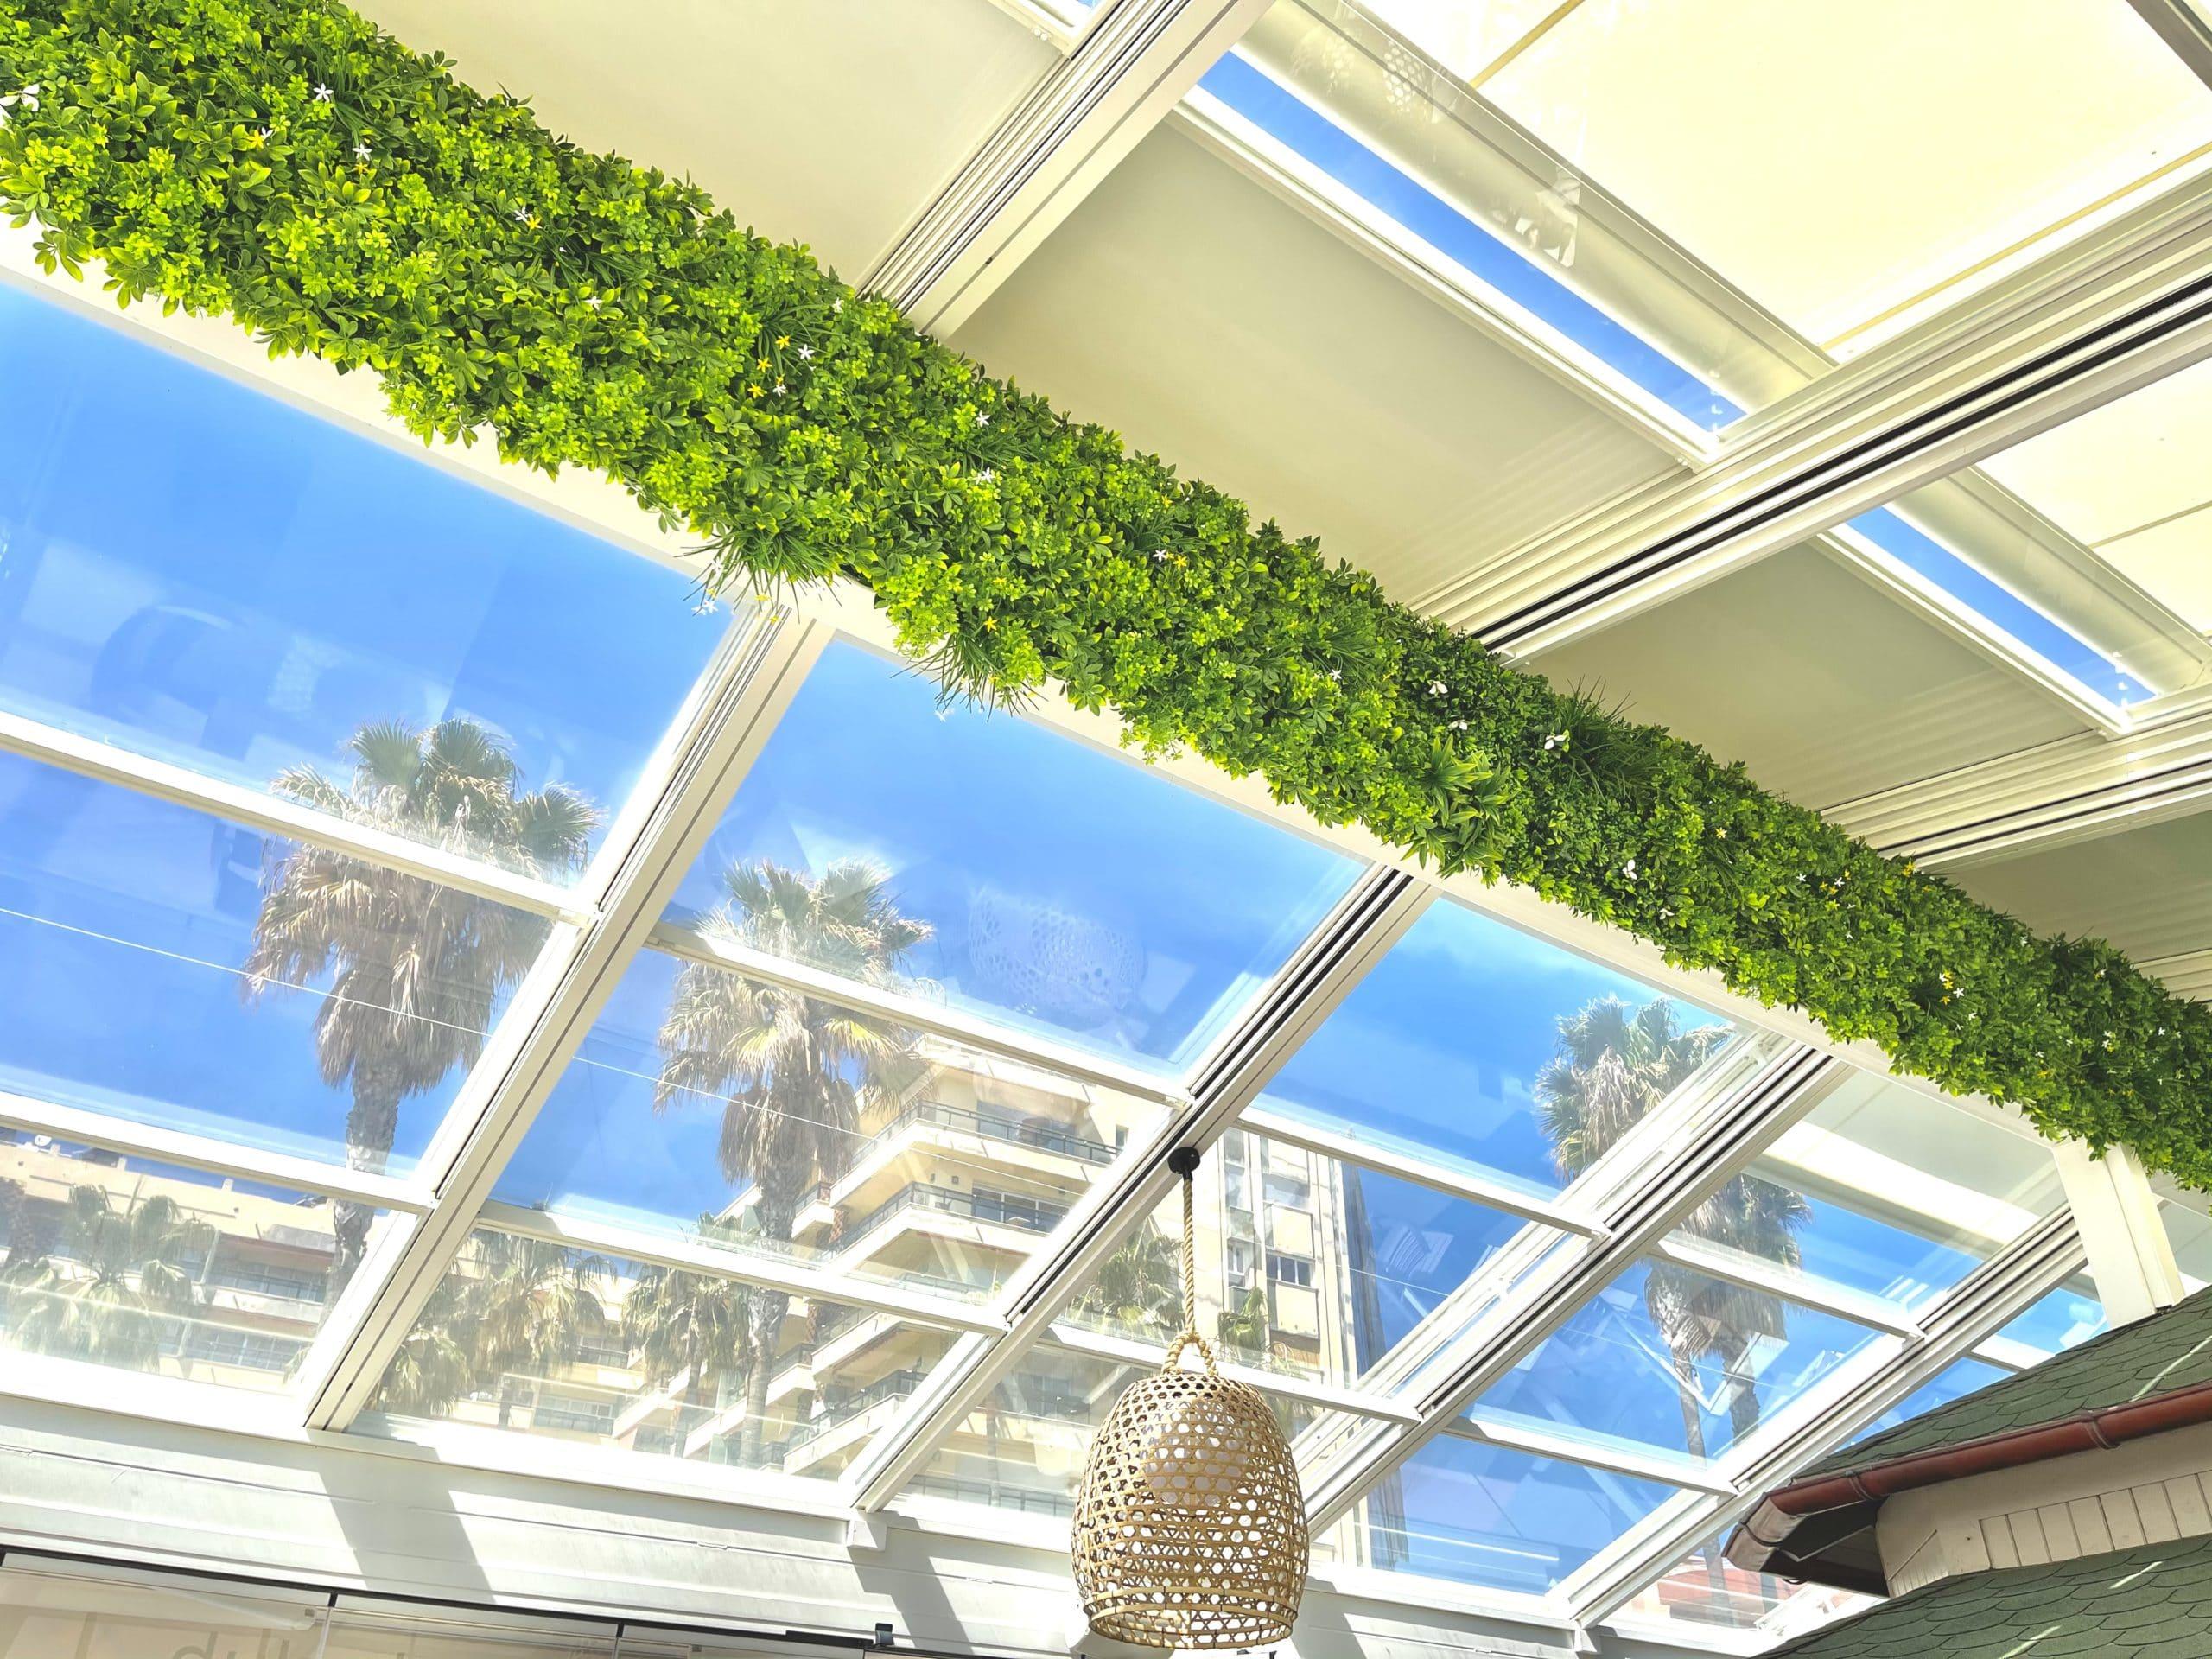 ejemplo jardin vertical artificial interior